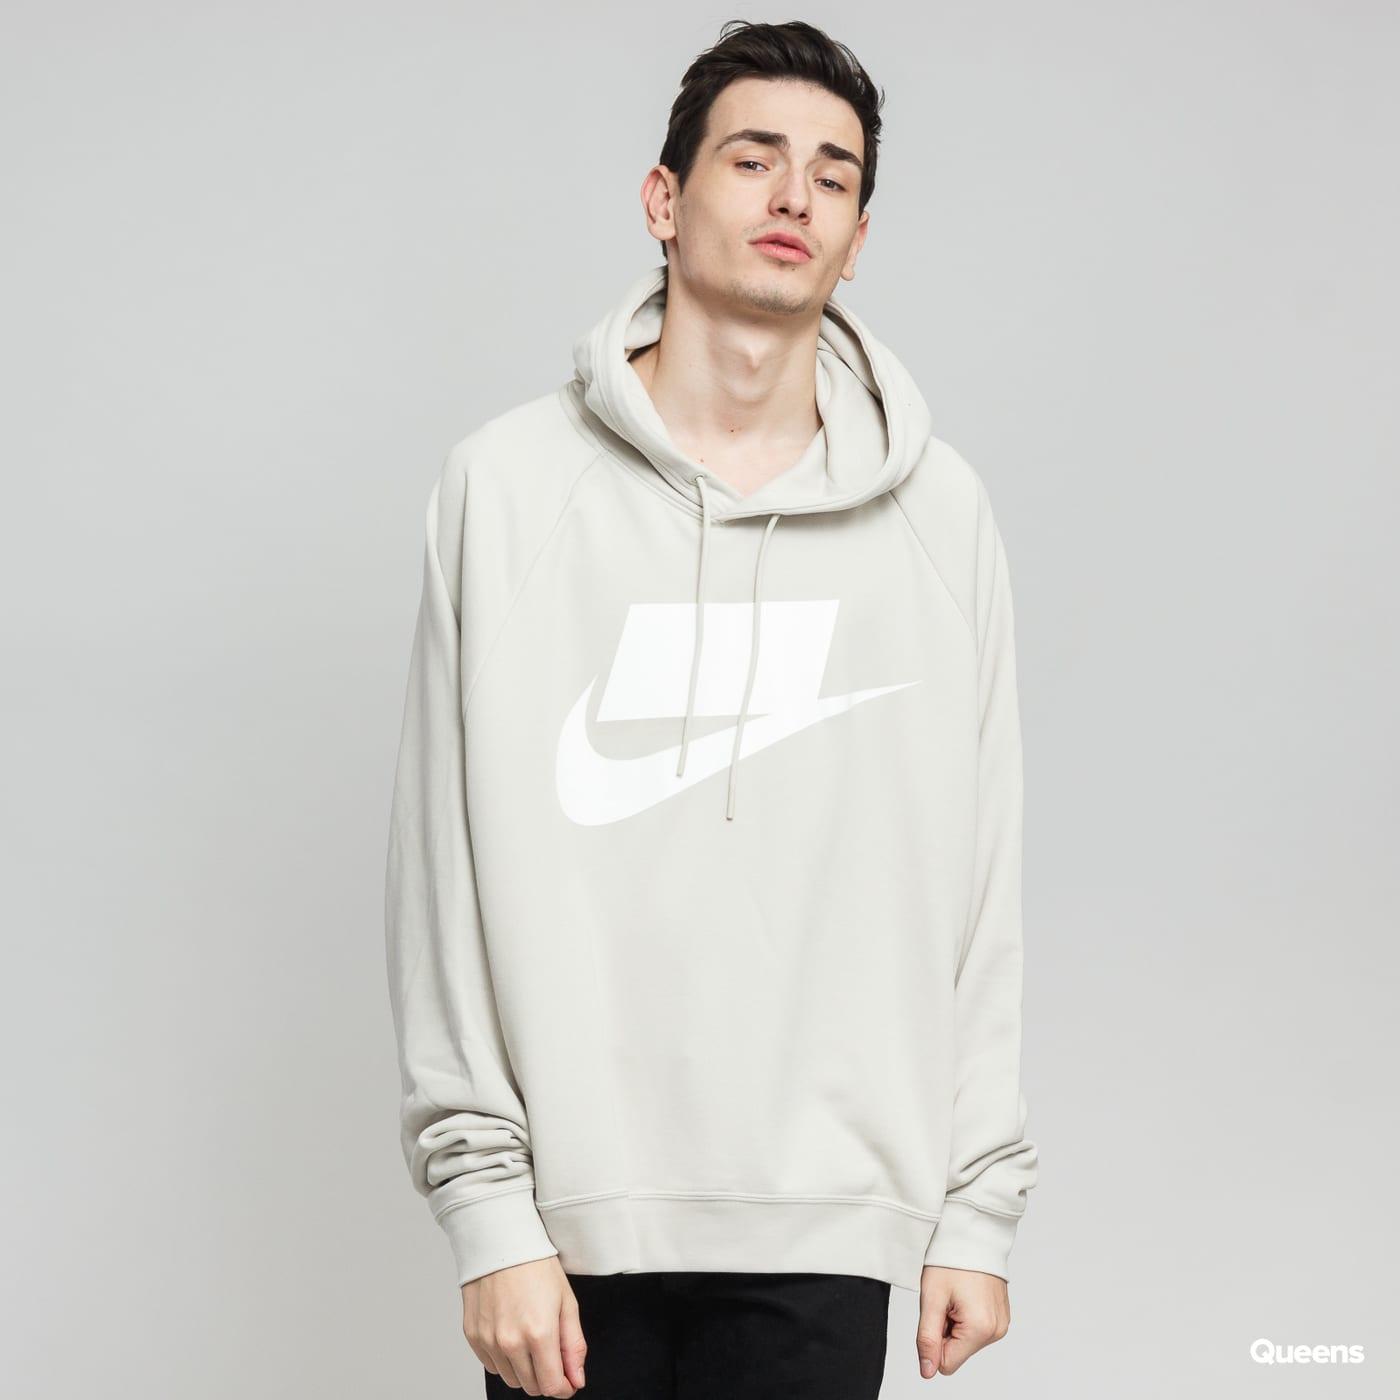 768d69685d Mikina Nike M NSW NSP Hoodie FT svetlošedá (AR4854-072) – Queens 💚